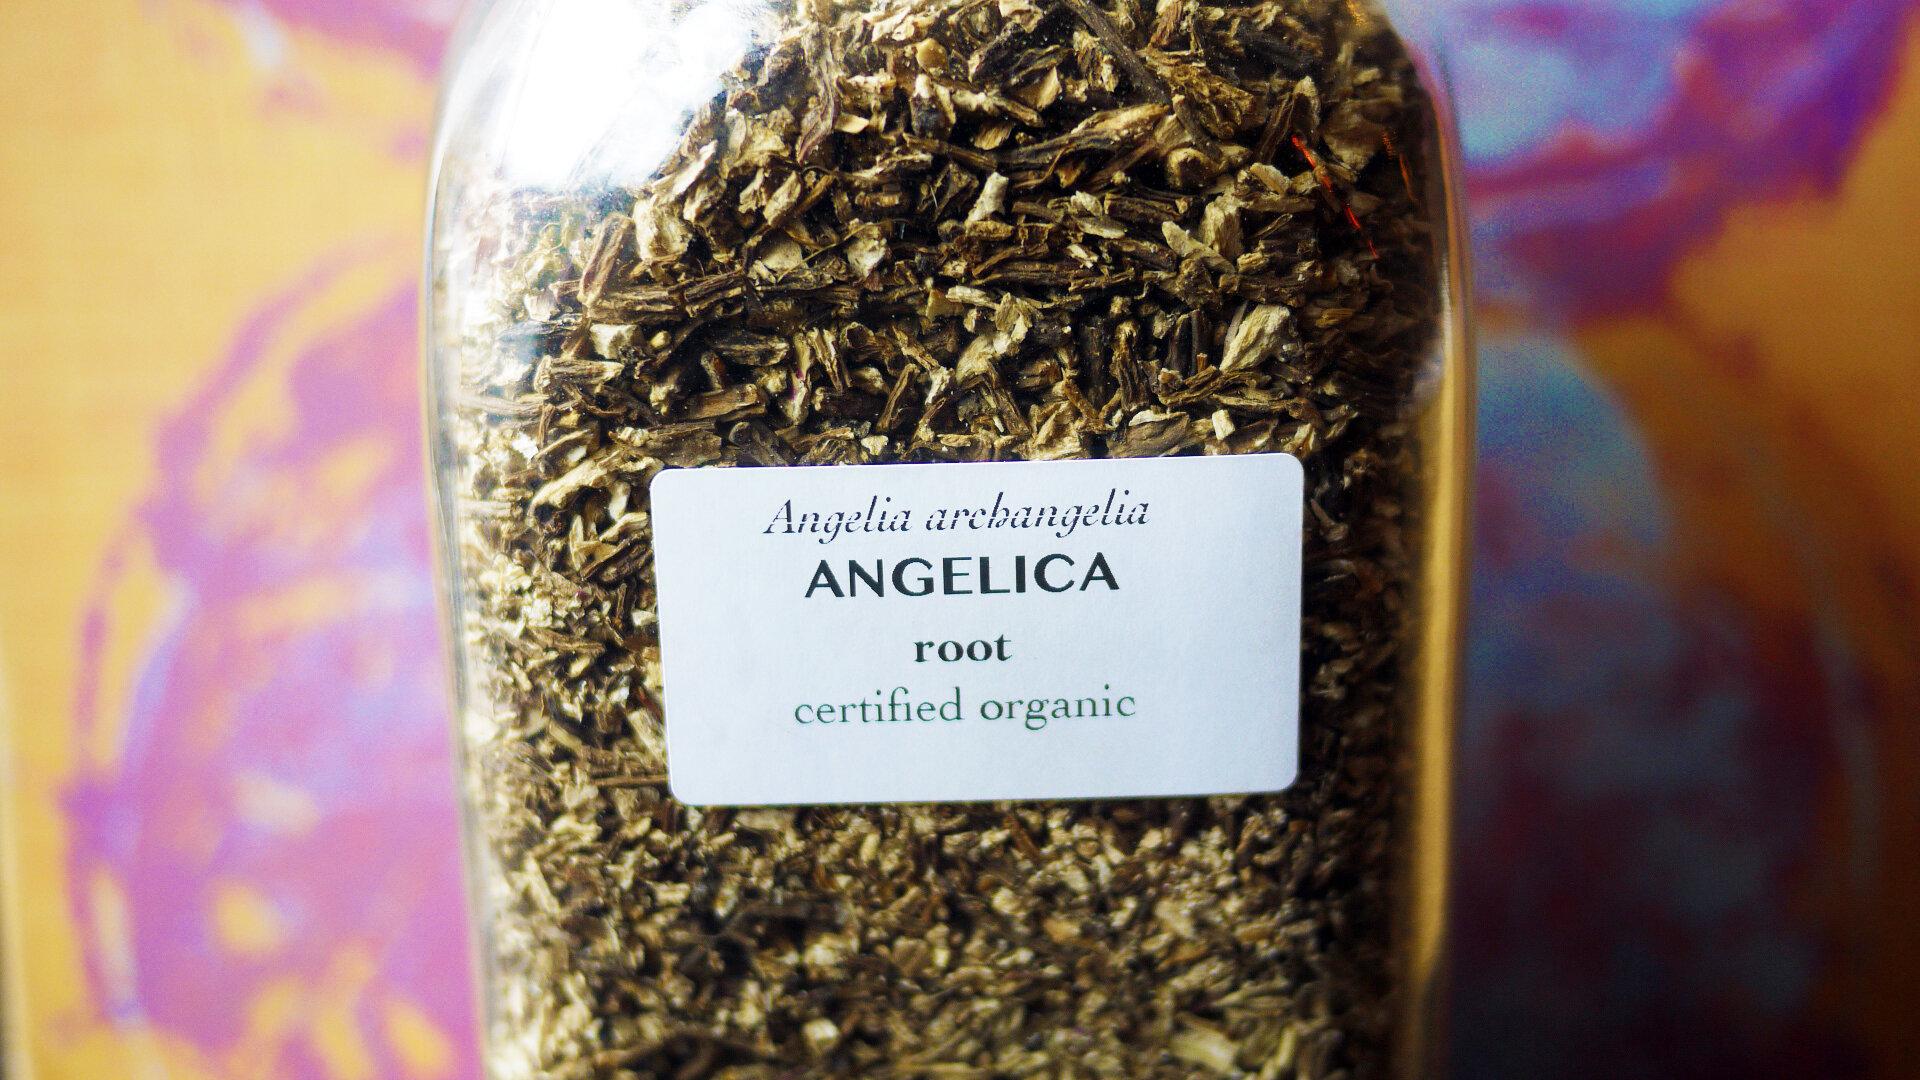 Angelicaroot.jpg